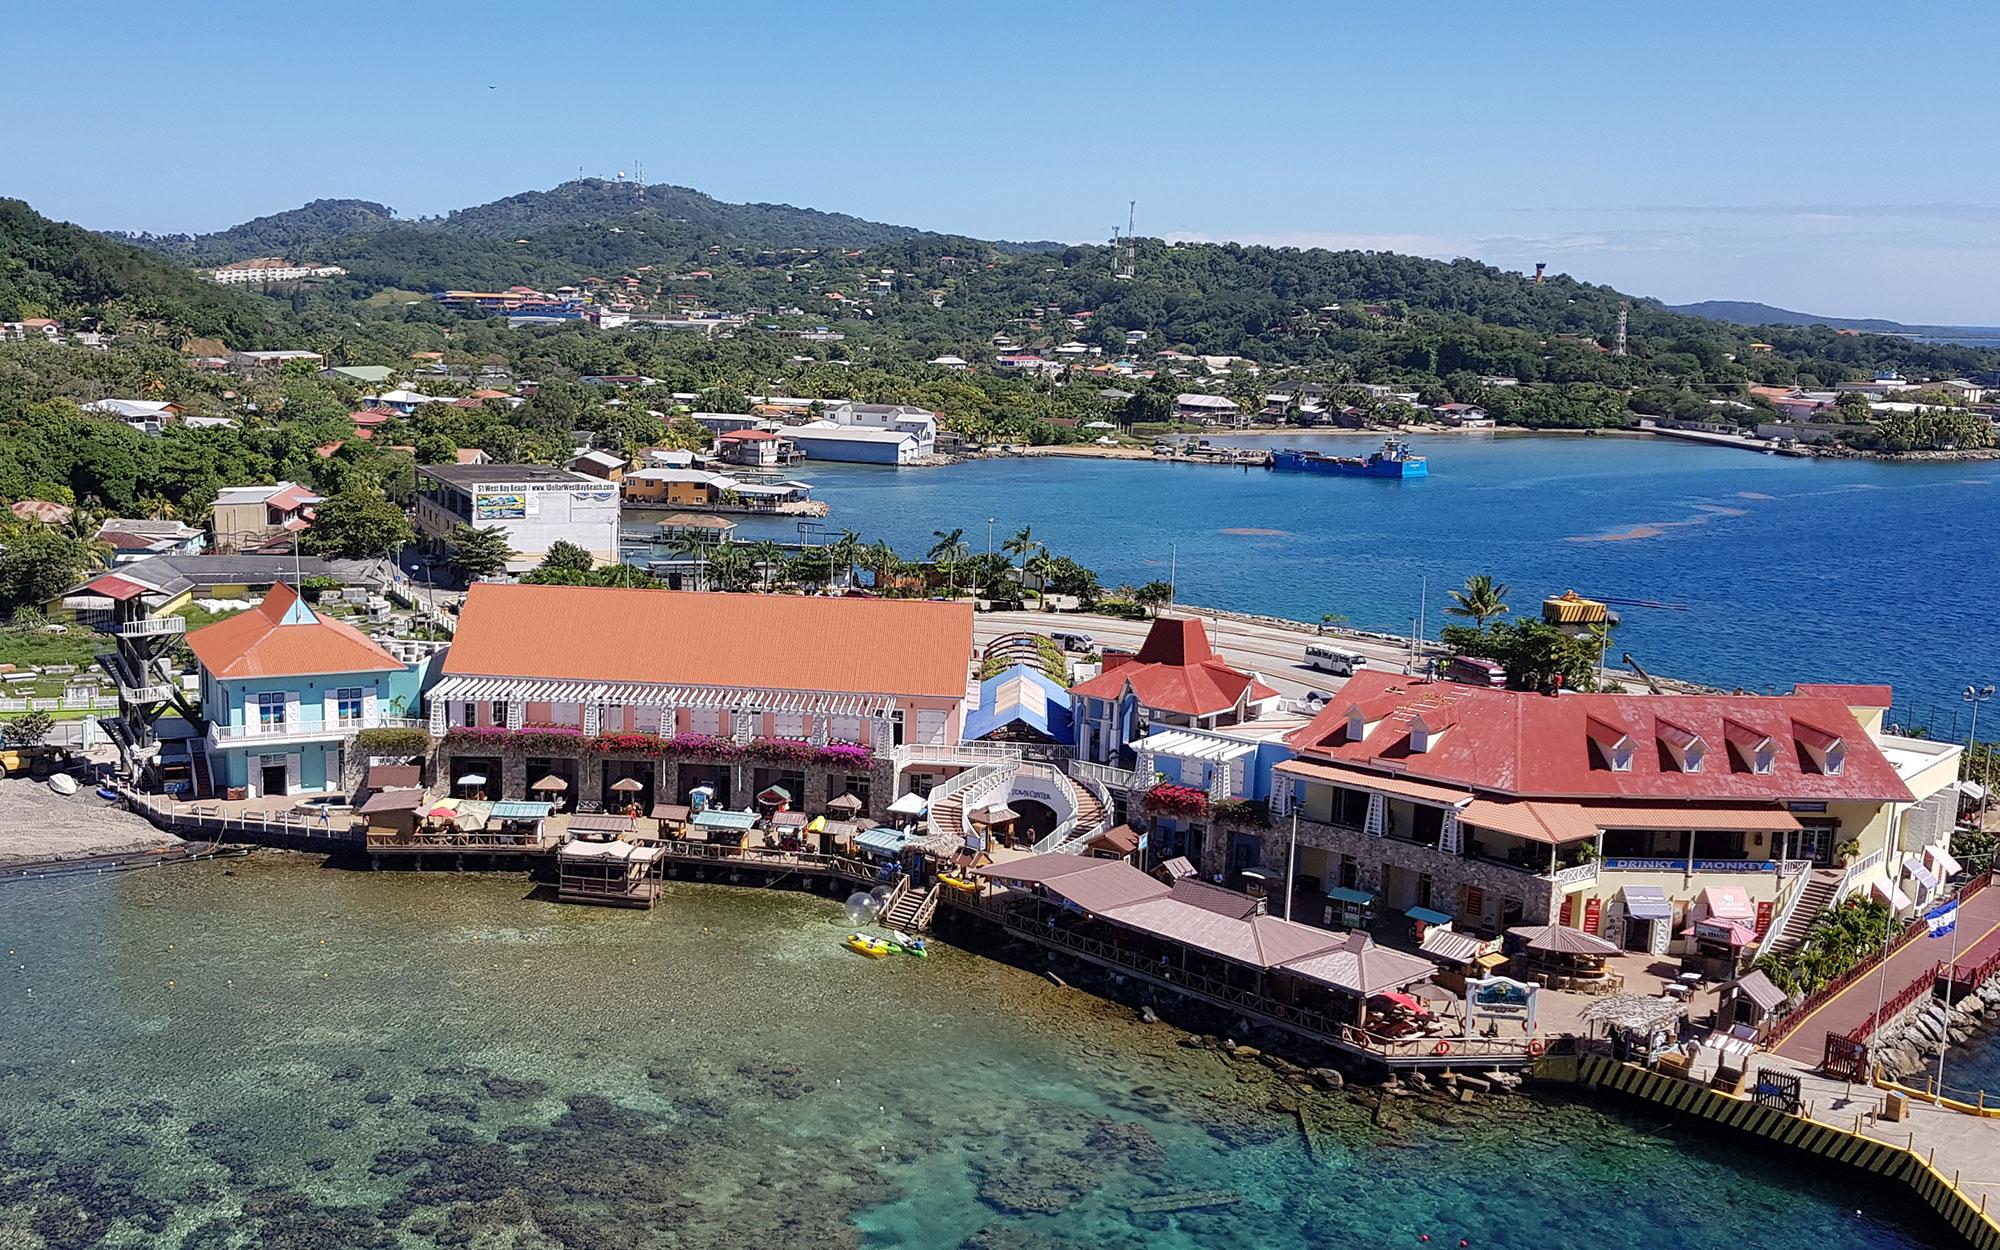 Por covid-19, proponen cerrar por 14 días municipios José Santos Guardiola y Roatán, en Islas de la Bahía